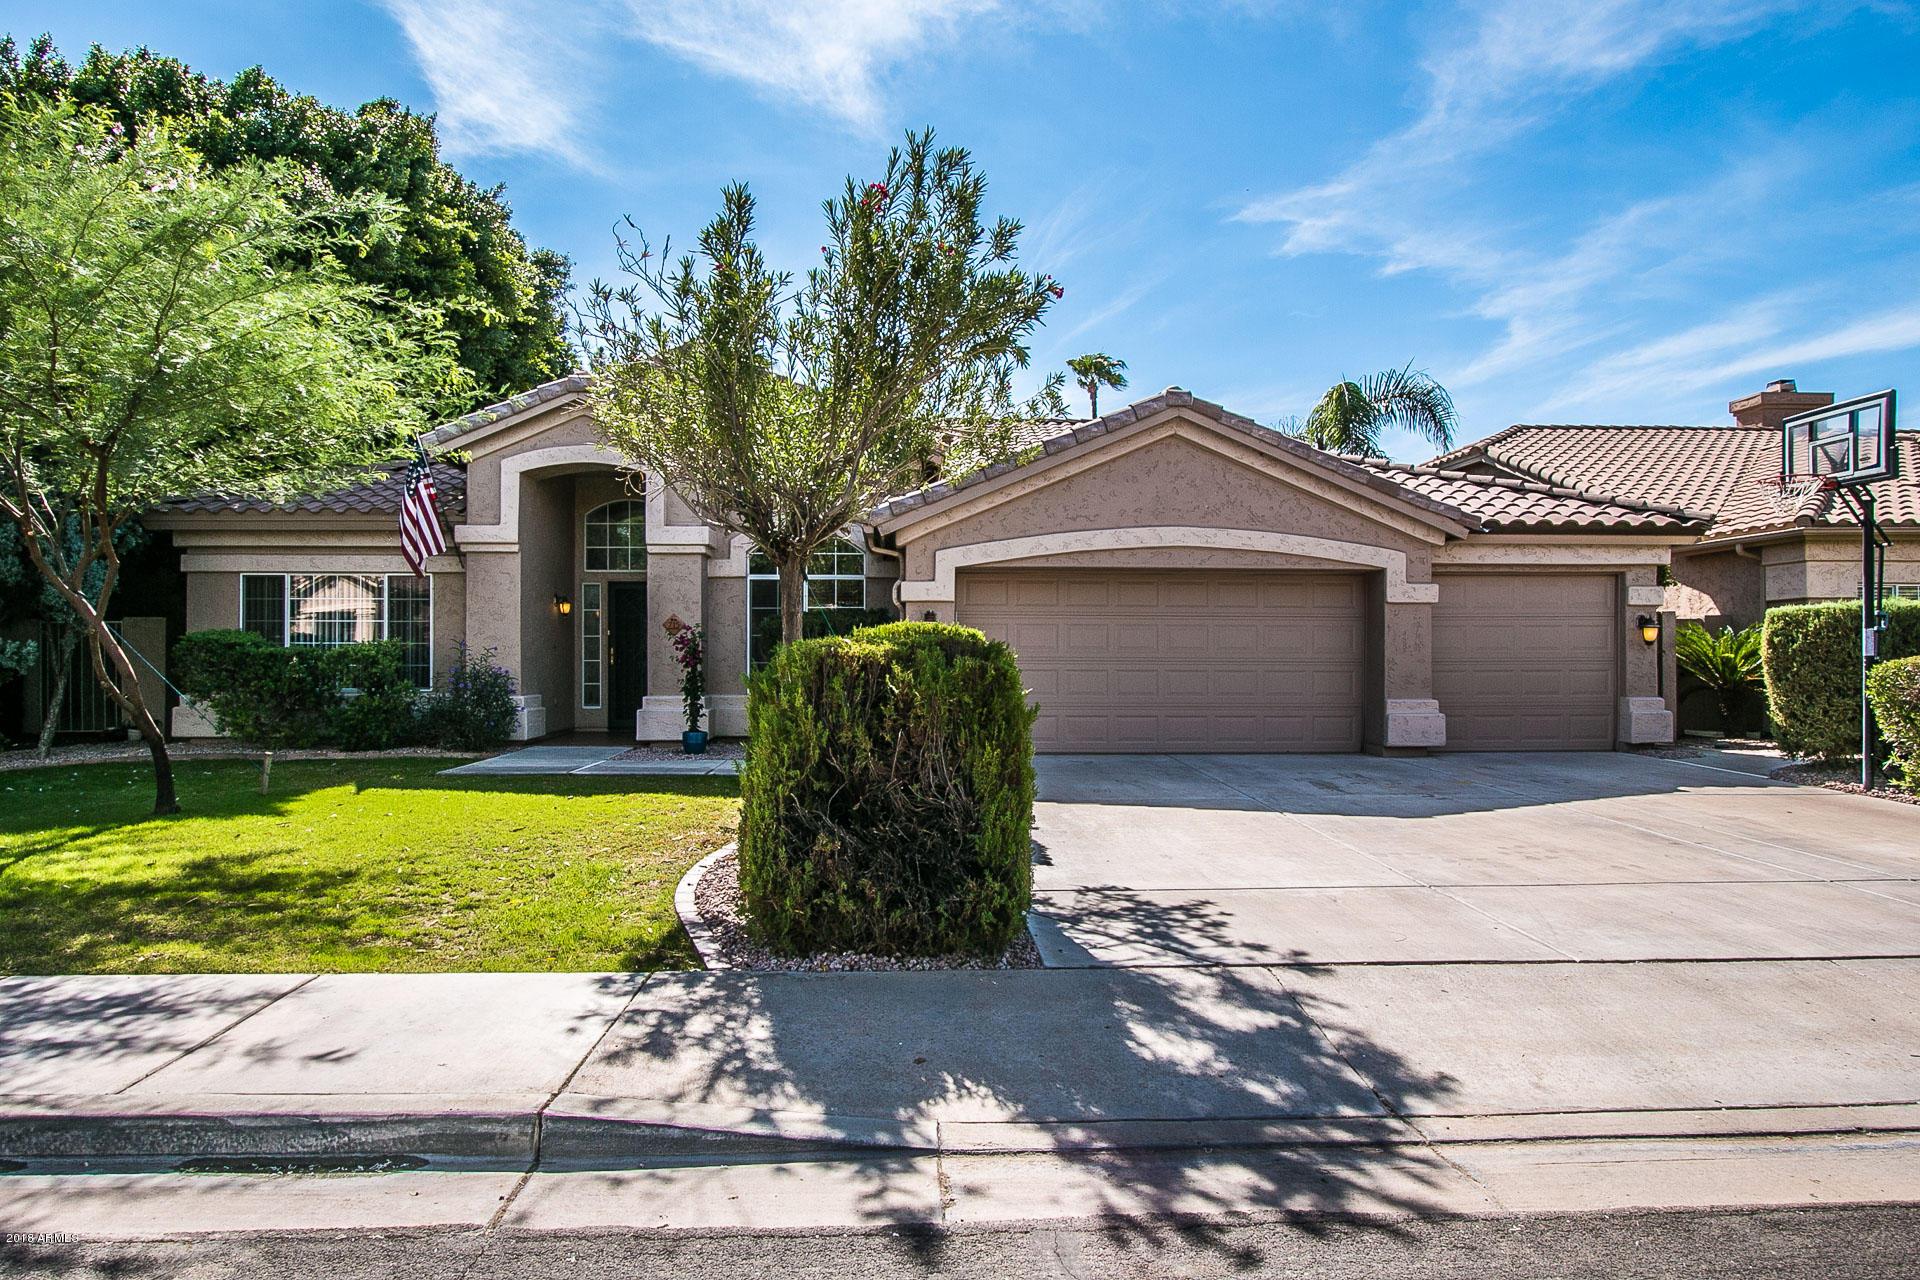 Photo of 715 W STANFORD Avenue, Gilbert, AZ 85233